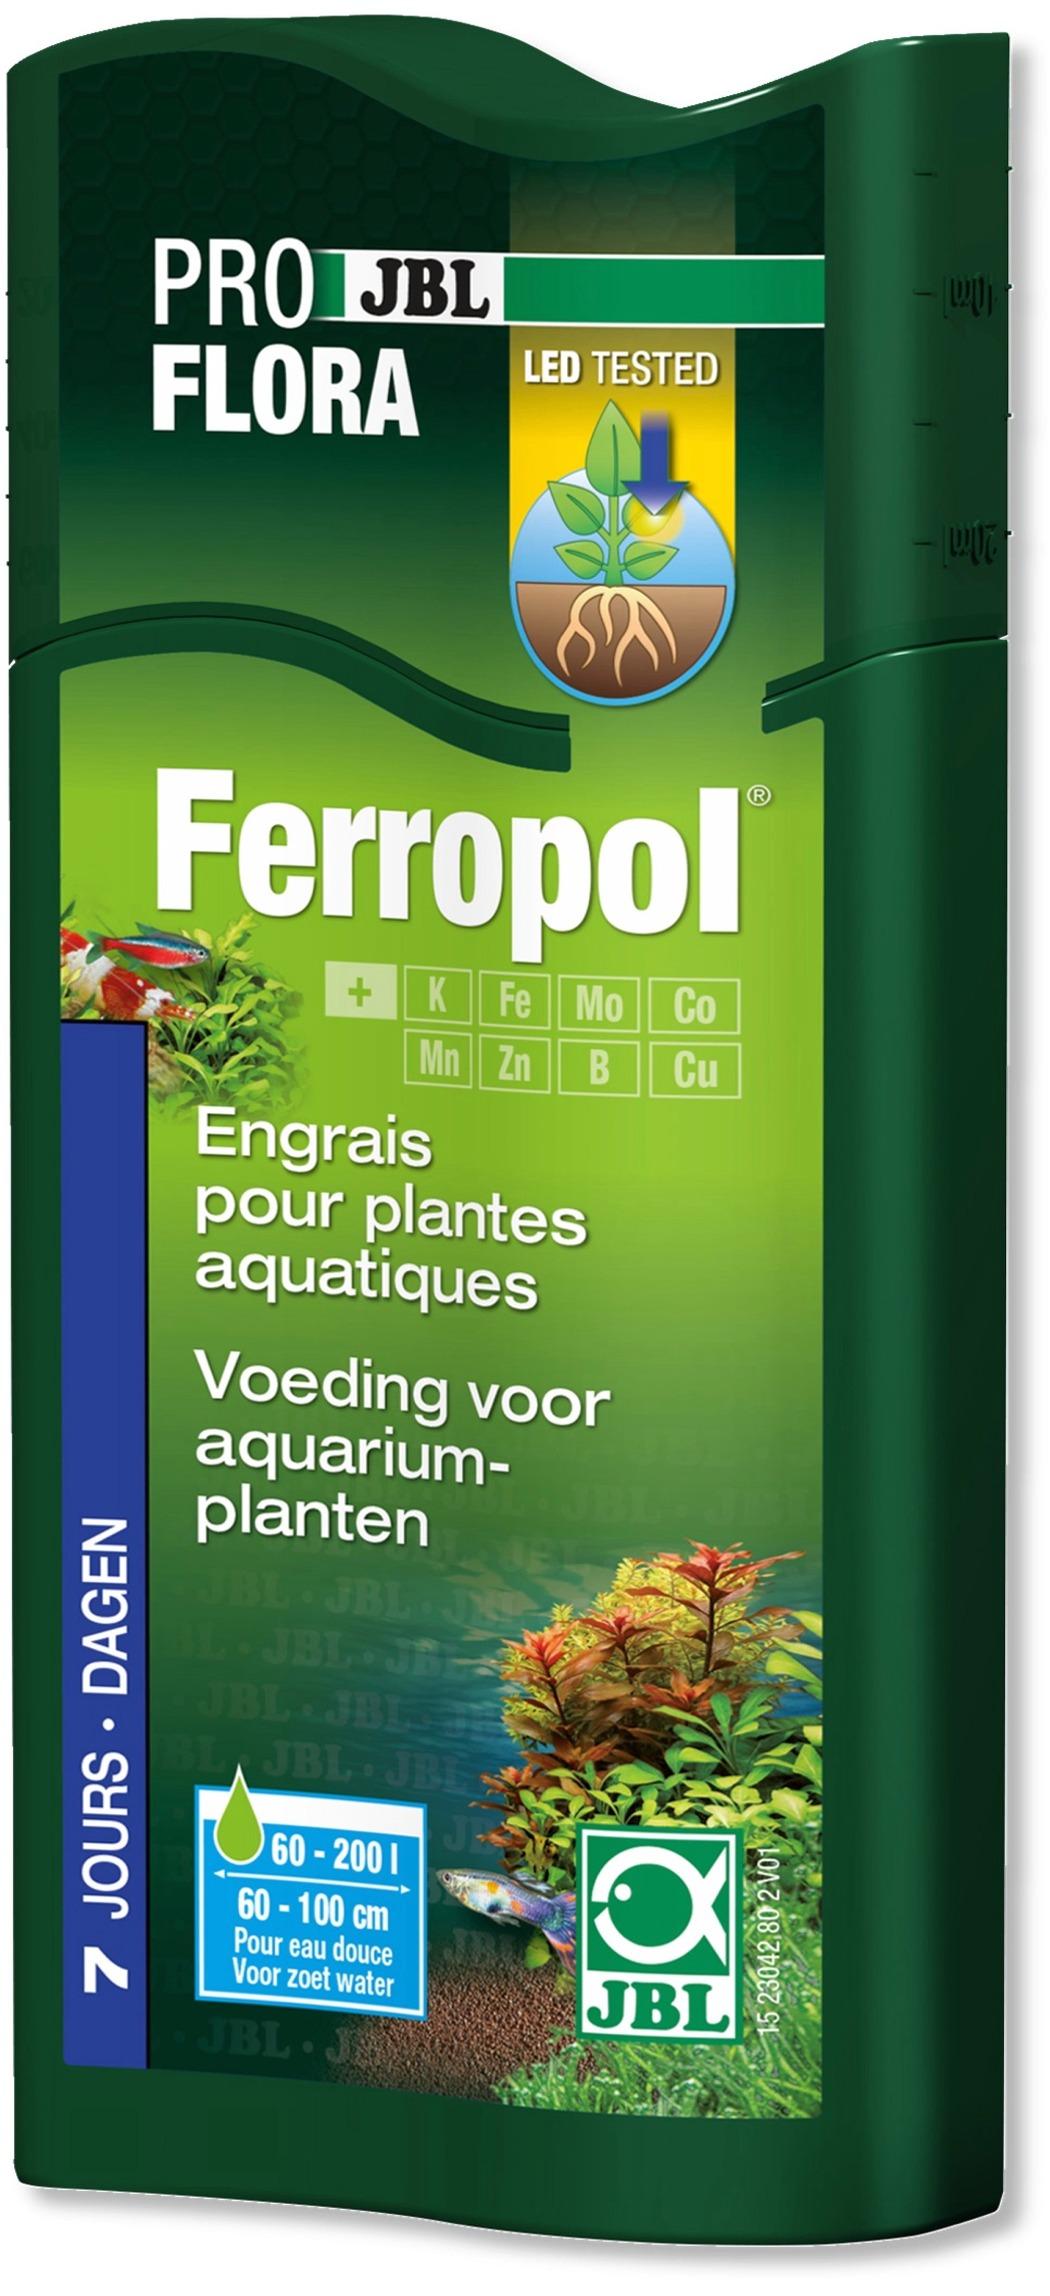 JBL Ferropol 500 ml engrais liquide complet contenant des oligo-éléments